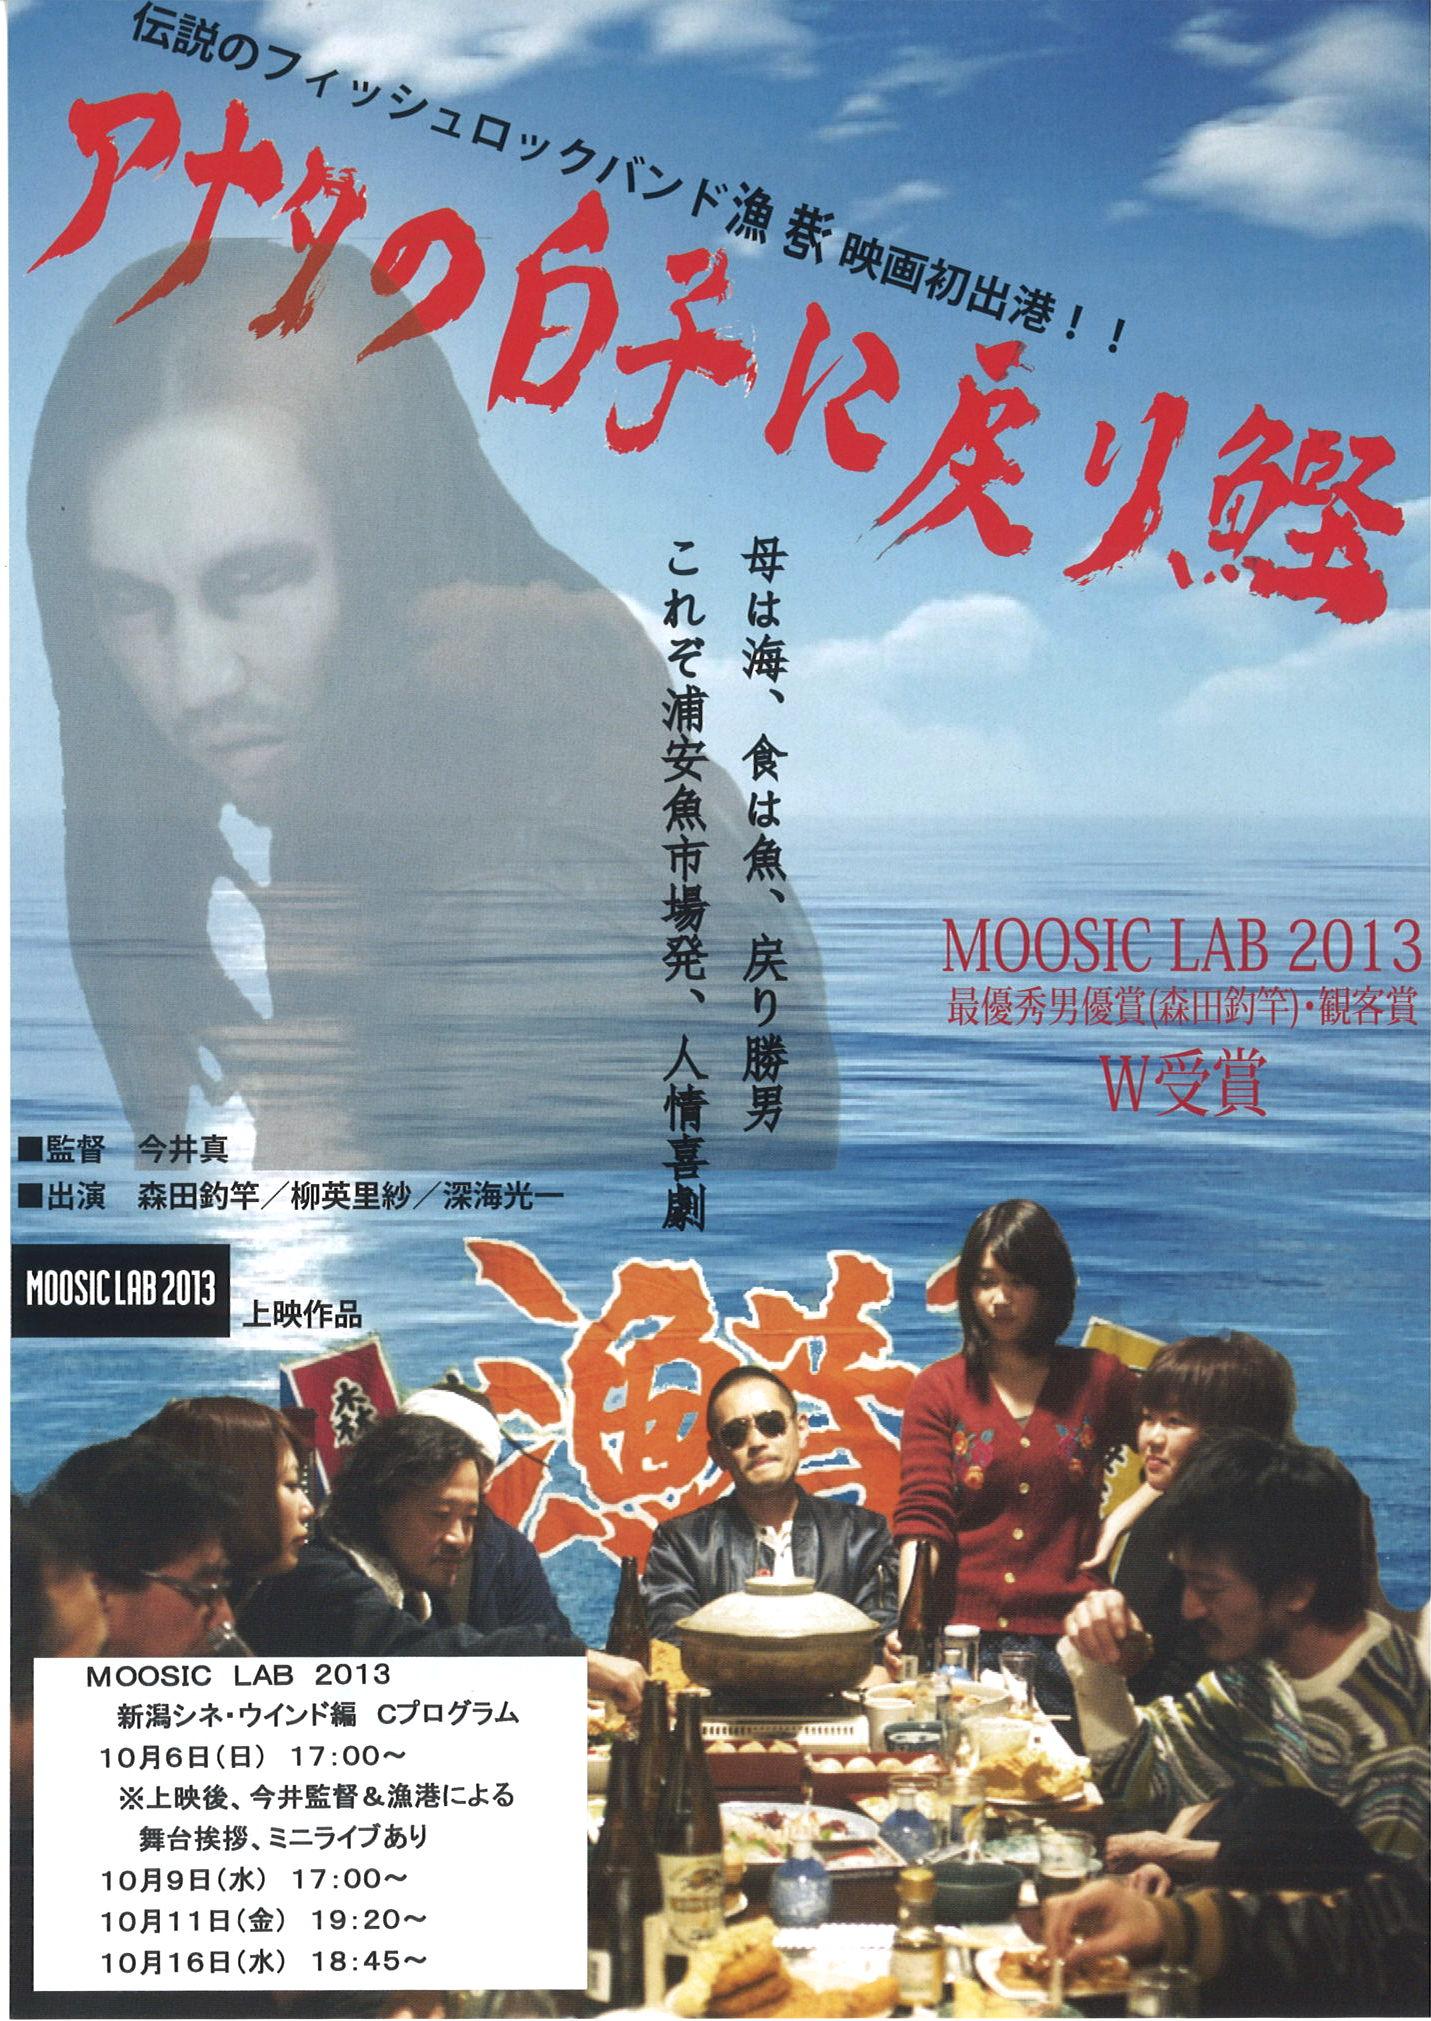 10/6(日)MOOSIC LAB 2013「アナタの白子に戻り鰹」今井真監督 舞台あいさつ&漁港 ミニライブ